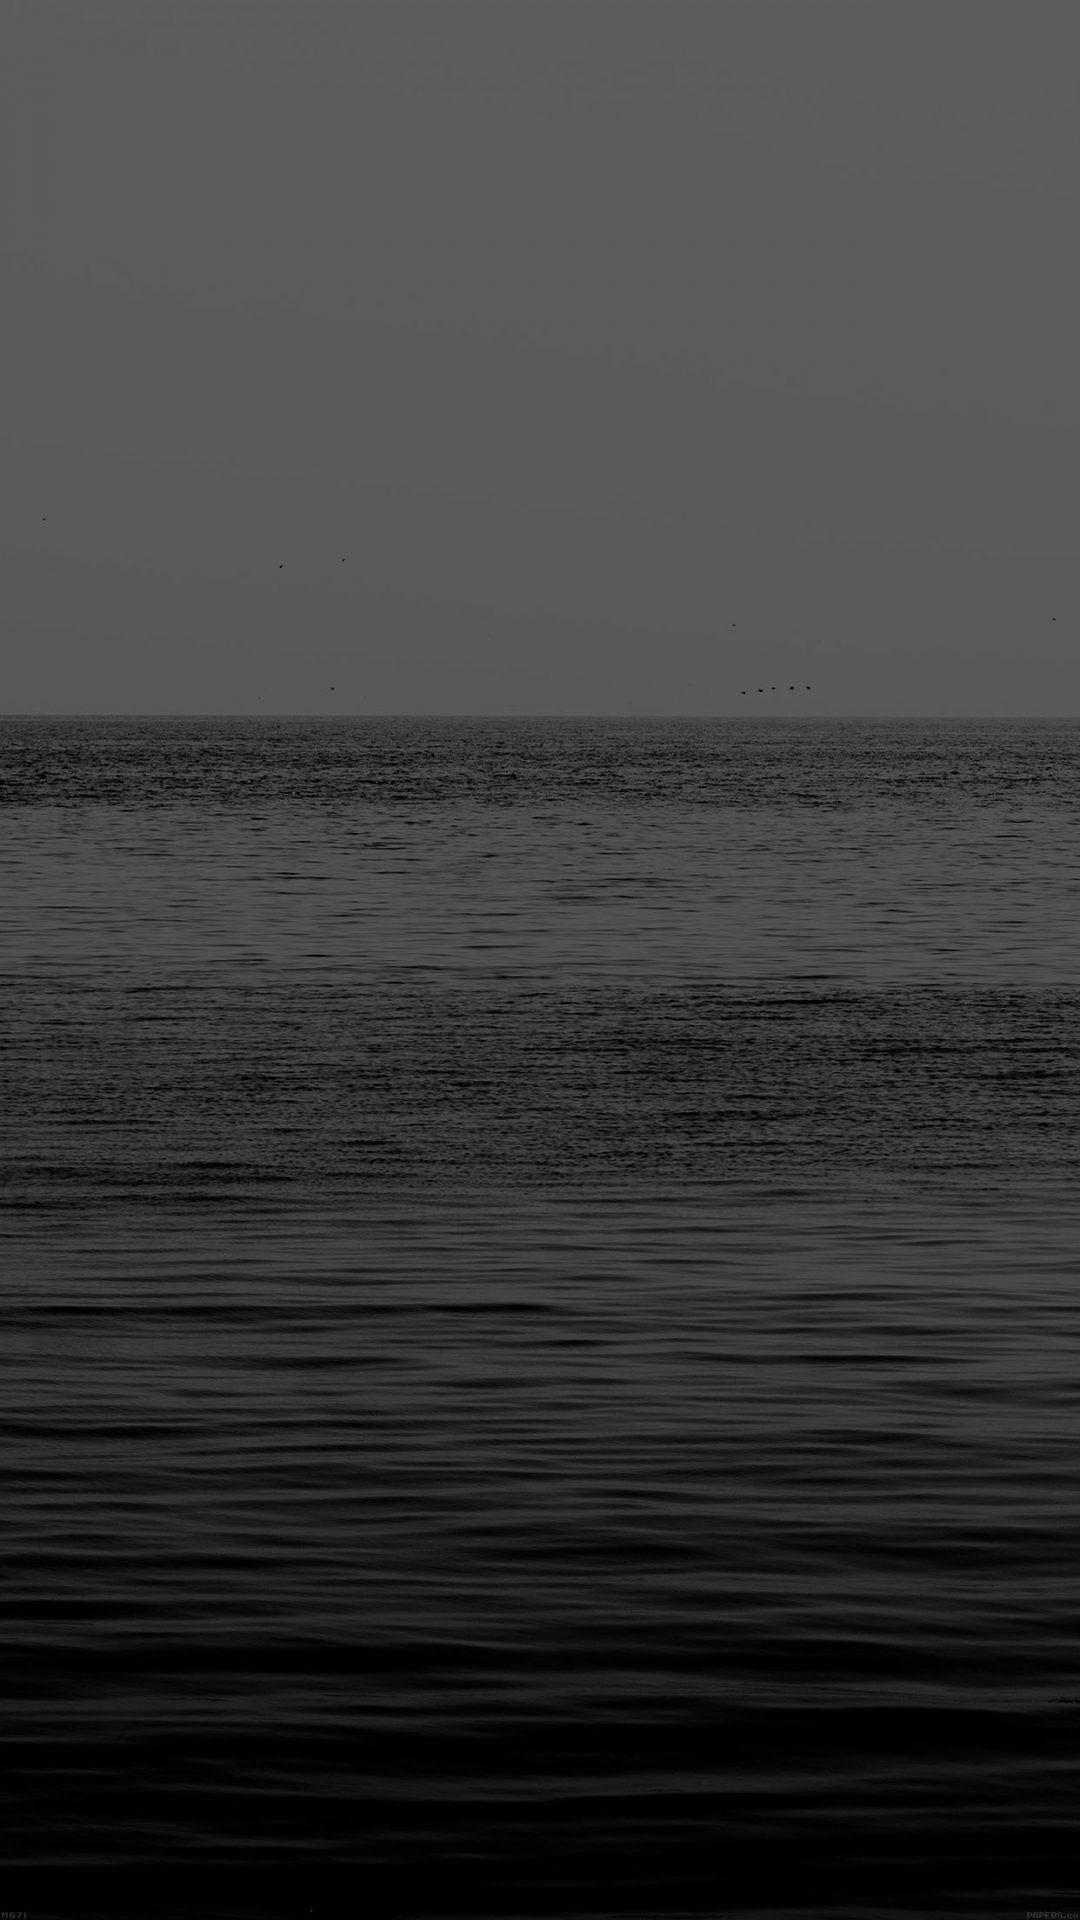 Black Sea Ocean Flat Nature